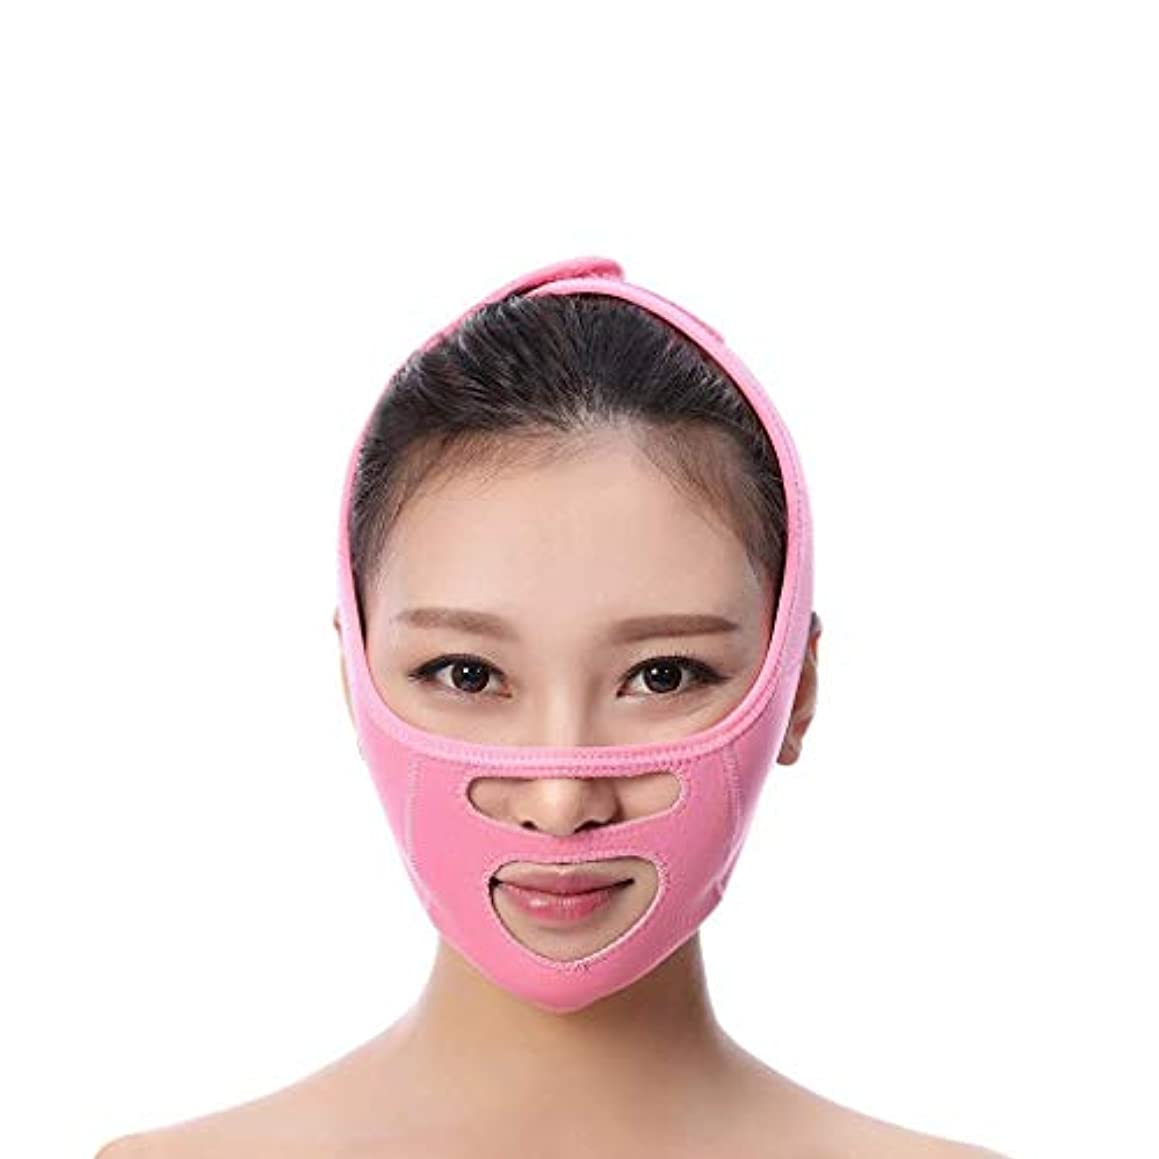 教授アッパーインフラフェイスリフトテープ&バンド、フェイススリミングマスク、ダブルチン、ダブルチンリデューサー、シワ防止マスク、リフティングシェイプ(フリーサイズ)(カラー:ピンク),ピンク